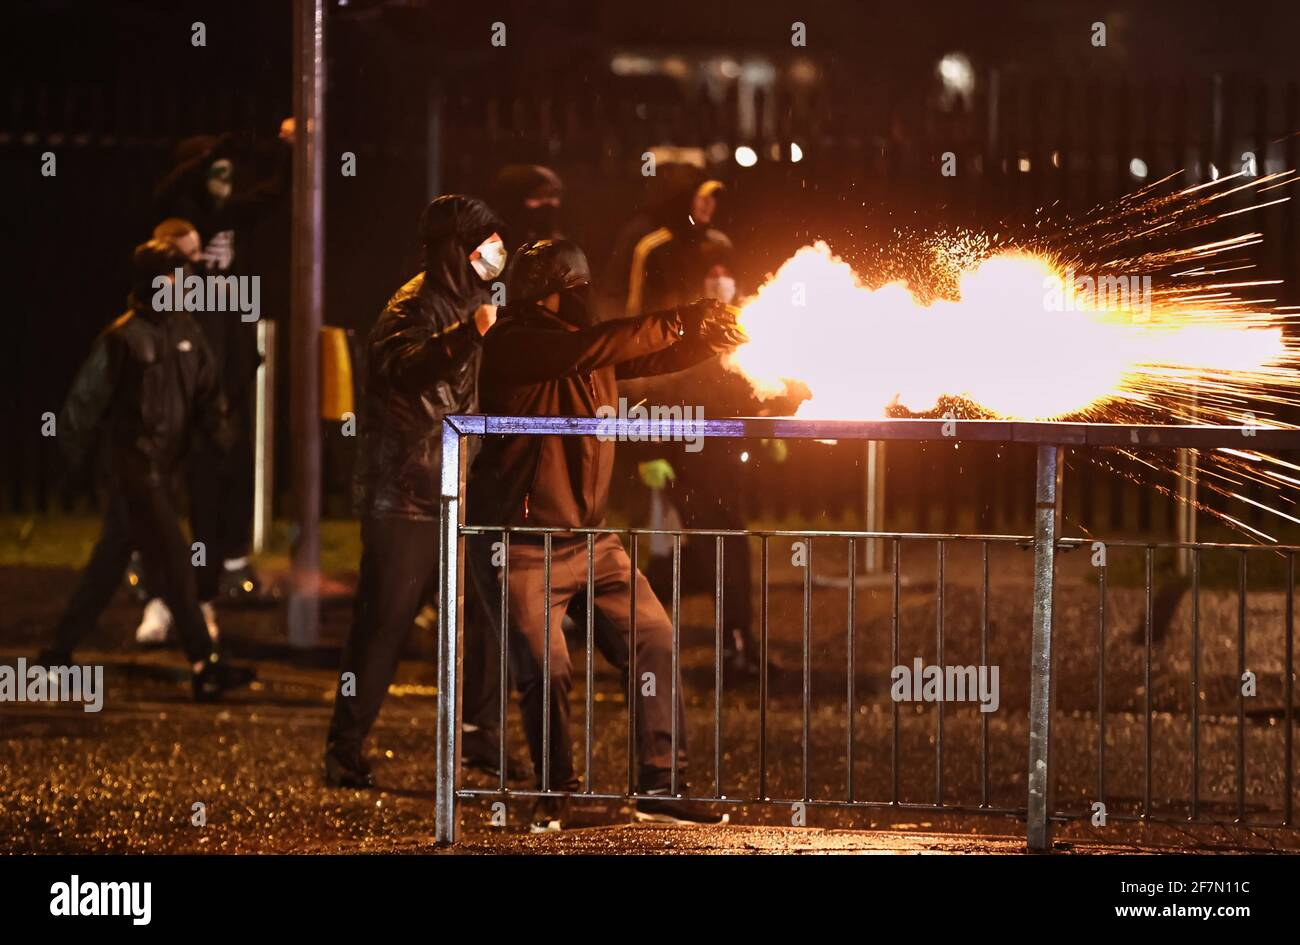 Jóvenes disparan fuegos artificiales en el PSNI en la carretera de Springfield, durante más disturbios en Belfast. Fecha de la foto: Jueves 8 de abril de 2021. Foto de stock